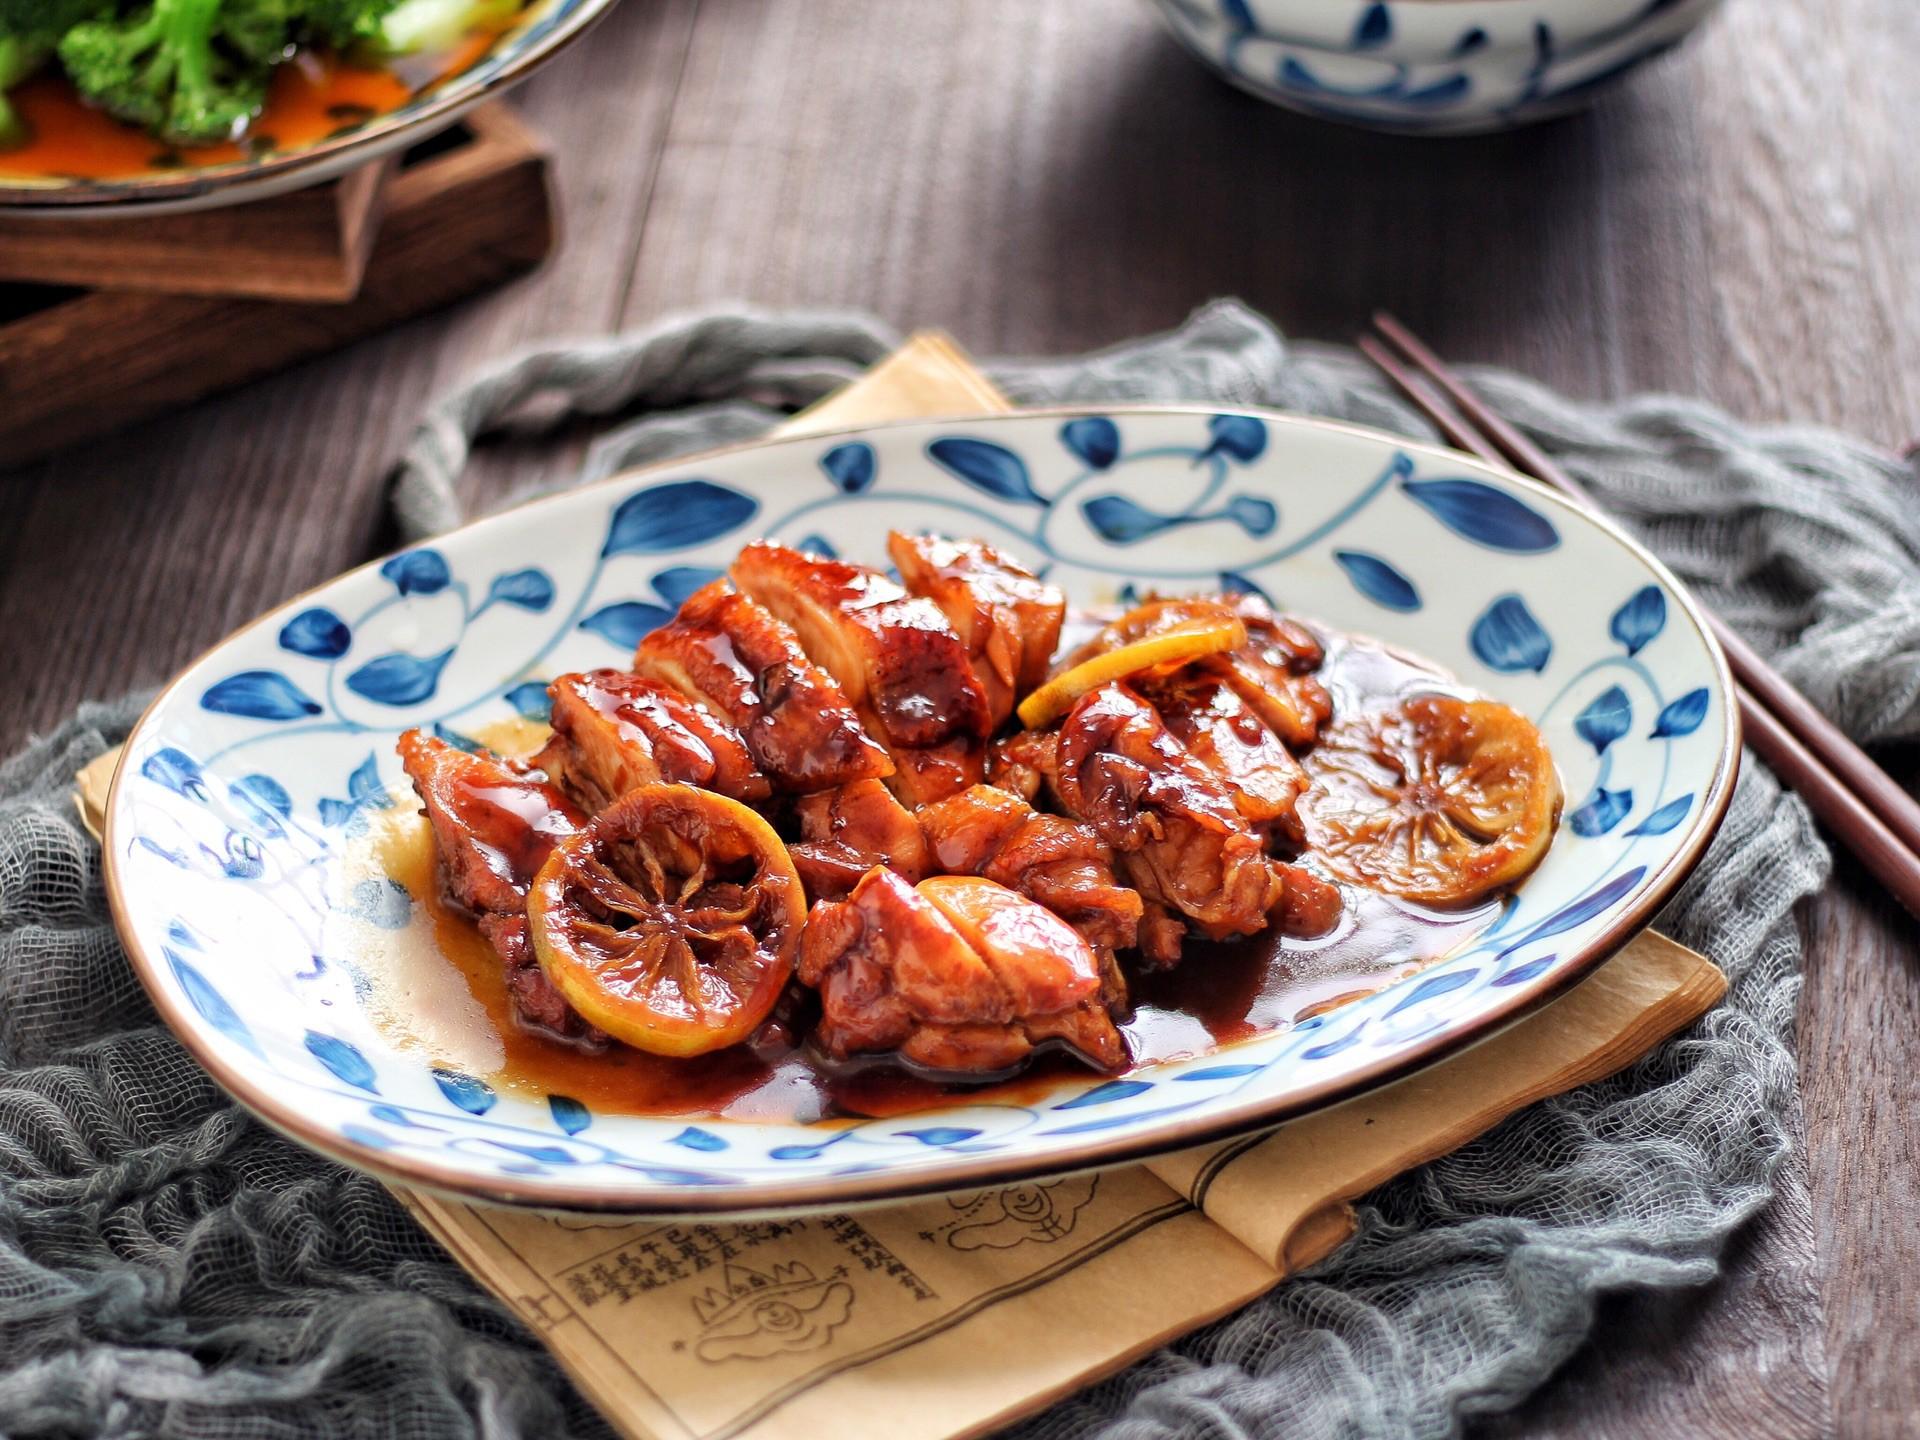 Món ngon mới toanh từ thịt gà đổi món cho cả nhà dịp cuối tuần - Ảnh 4